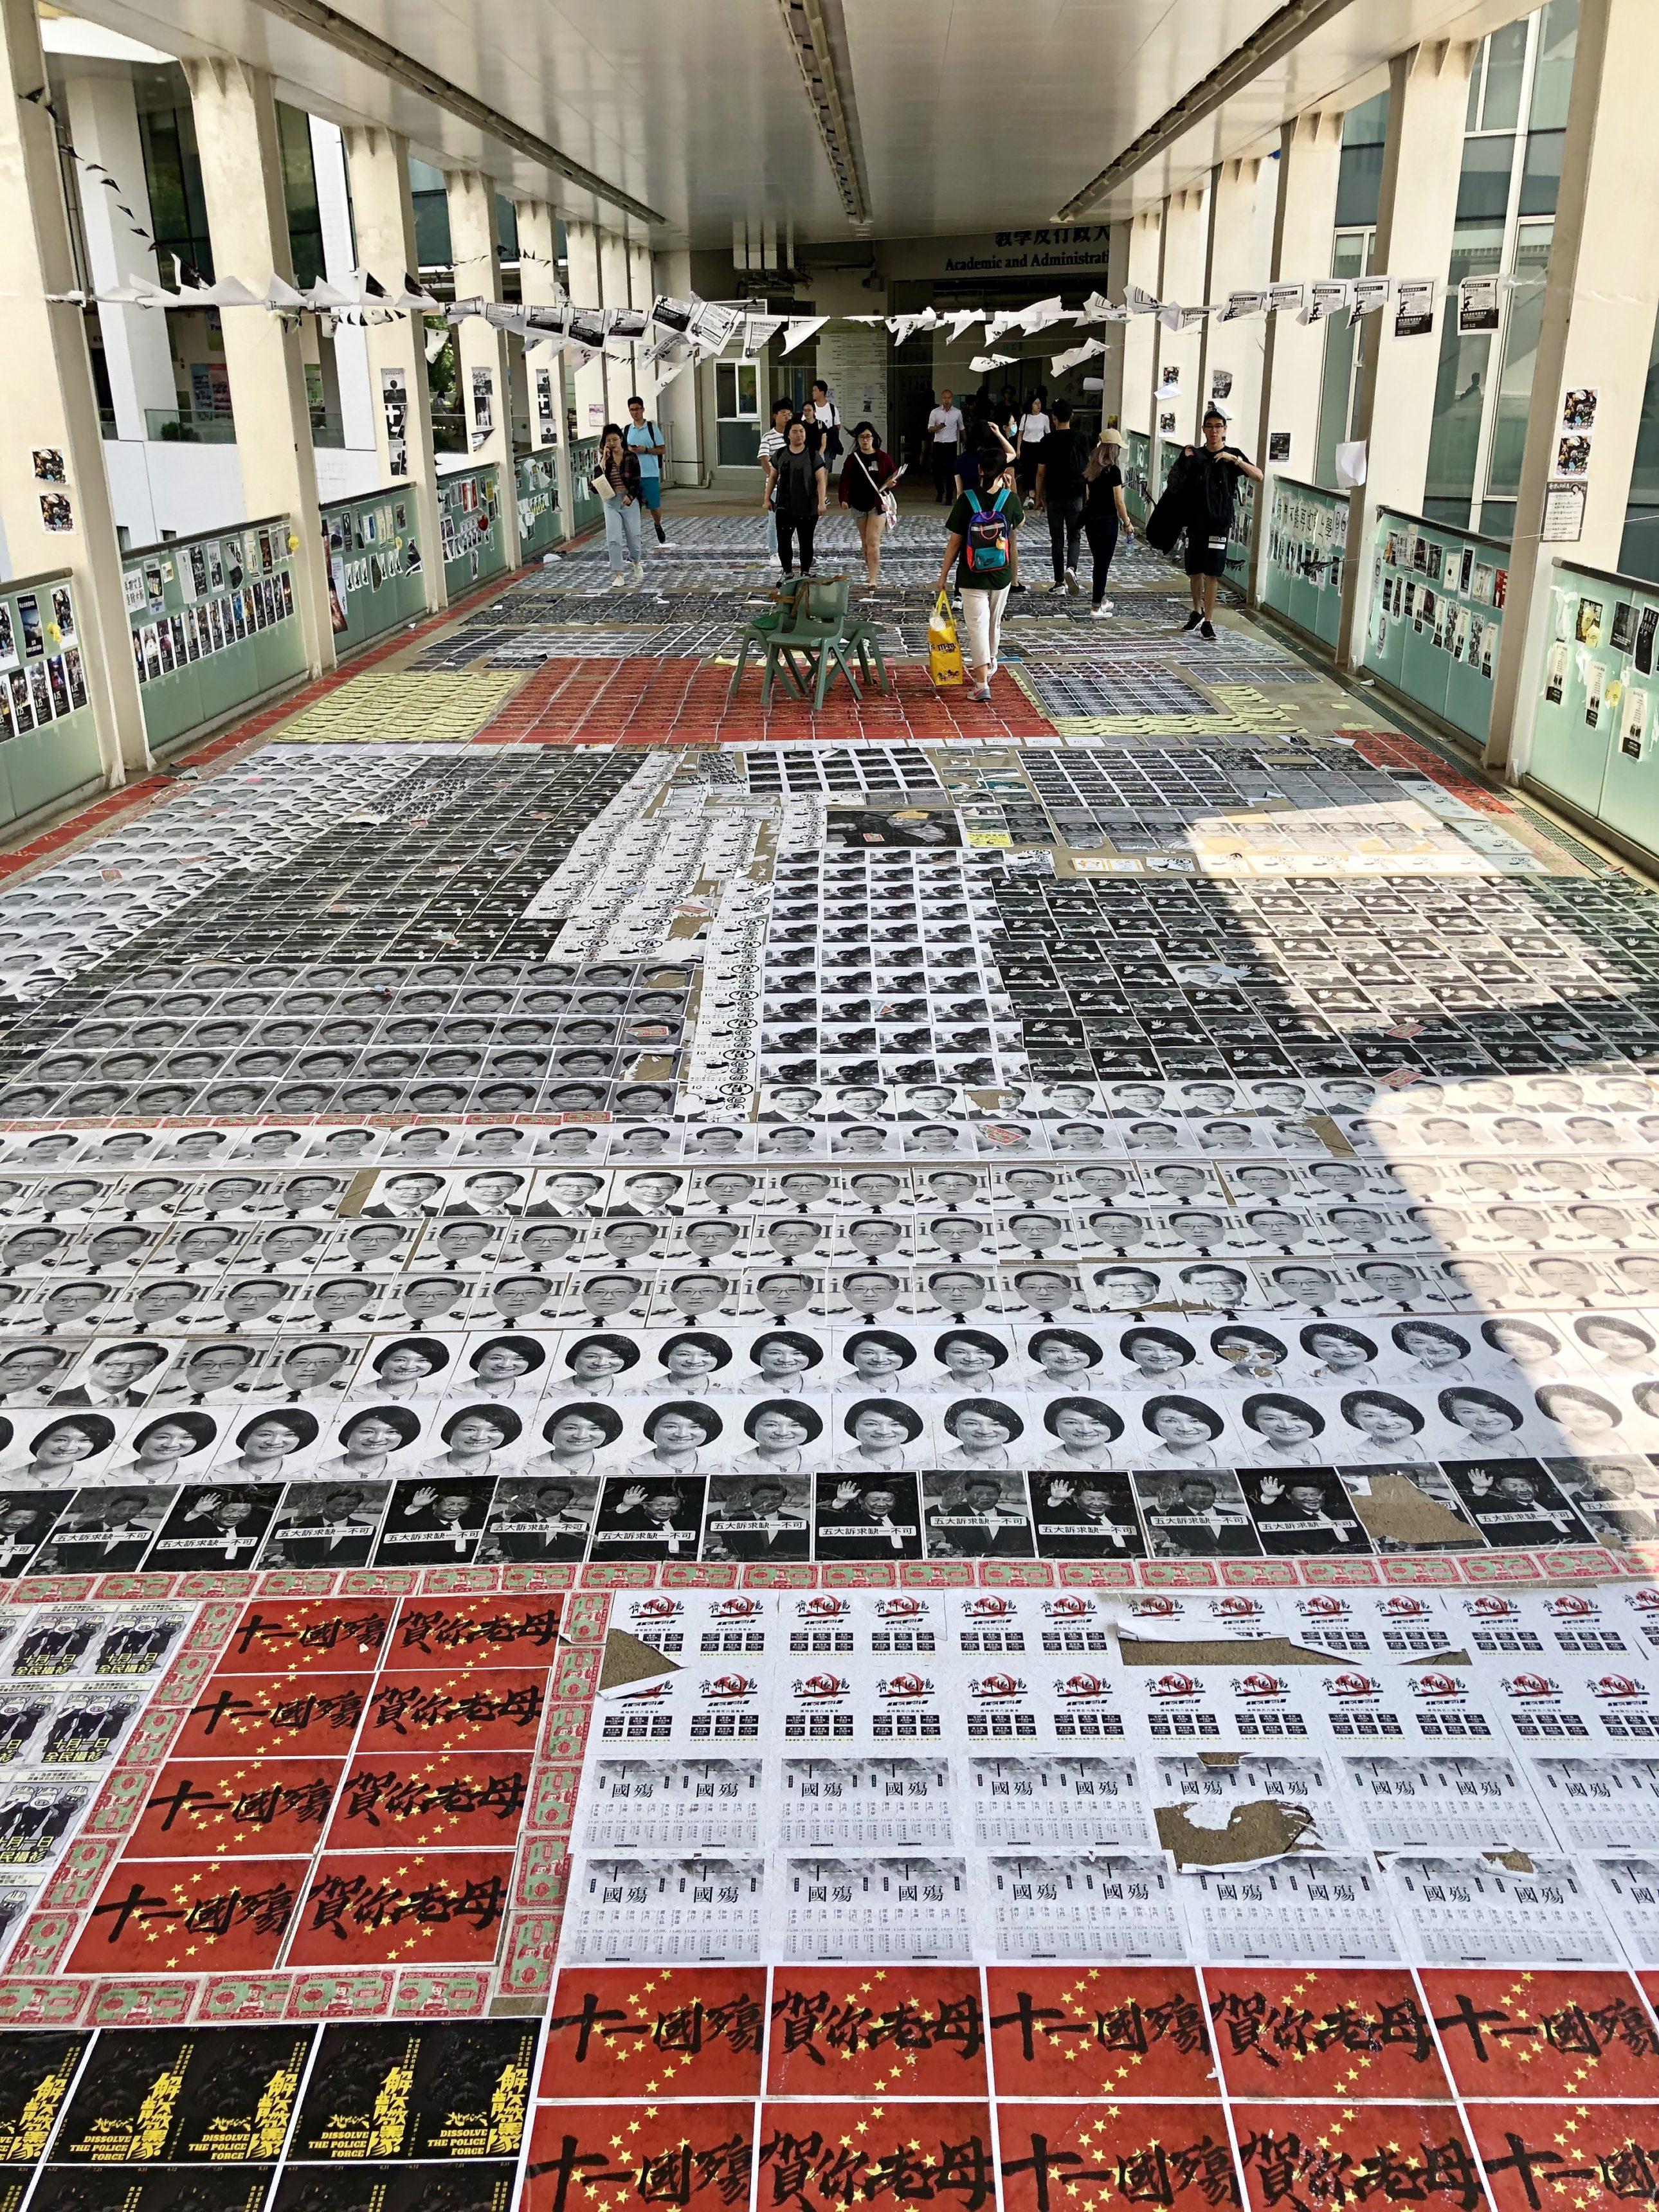 Auf dem Weg in die Hörsäle ist der Boden mit Fotos von chinesischen Politikern tapeziert. Bild: Oliver Stäger